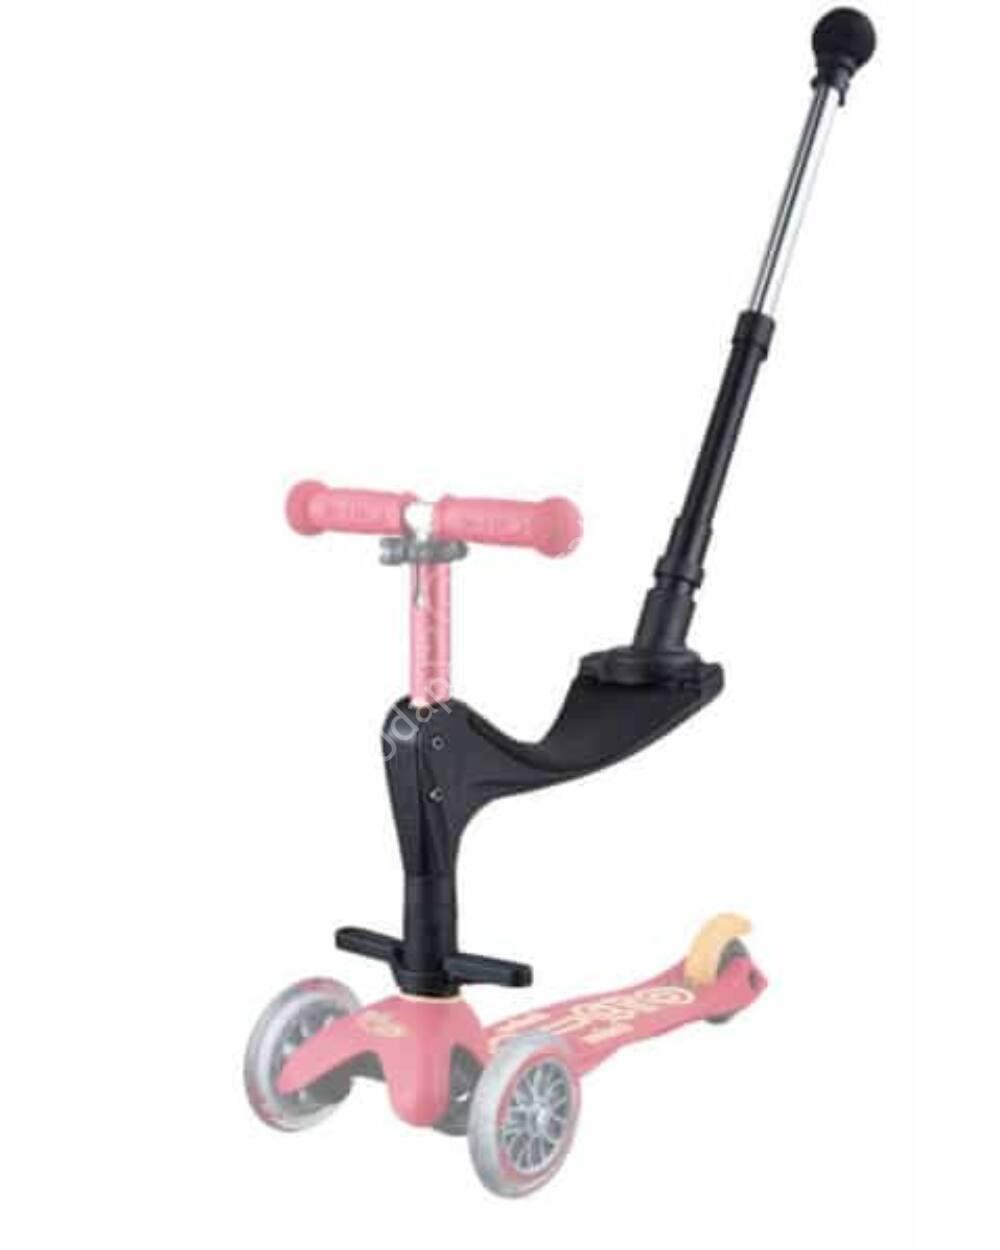 Mini Micro Deluxe rollerhez ülés tologató rúddal